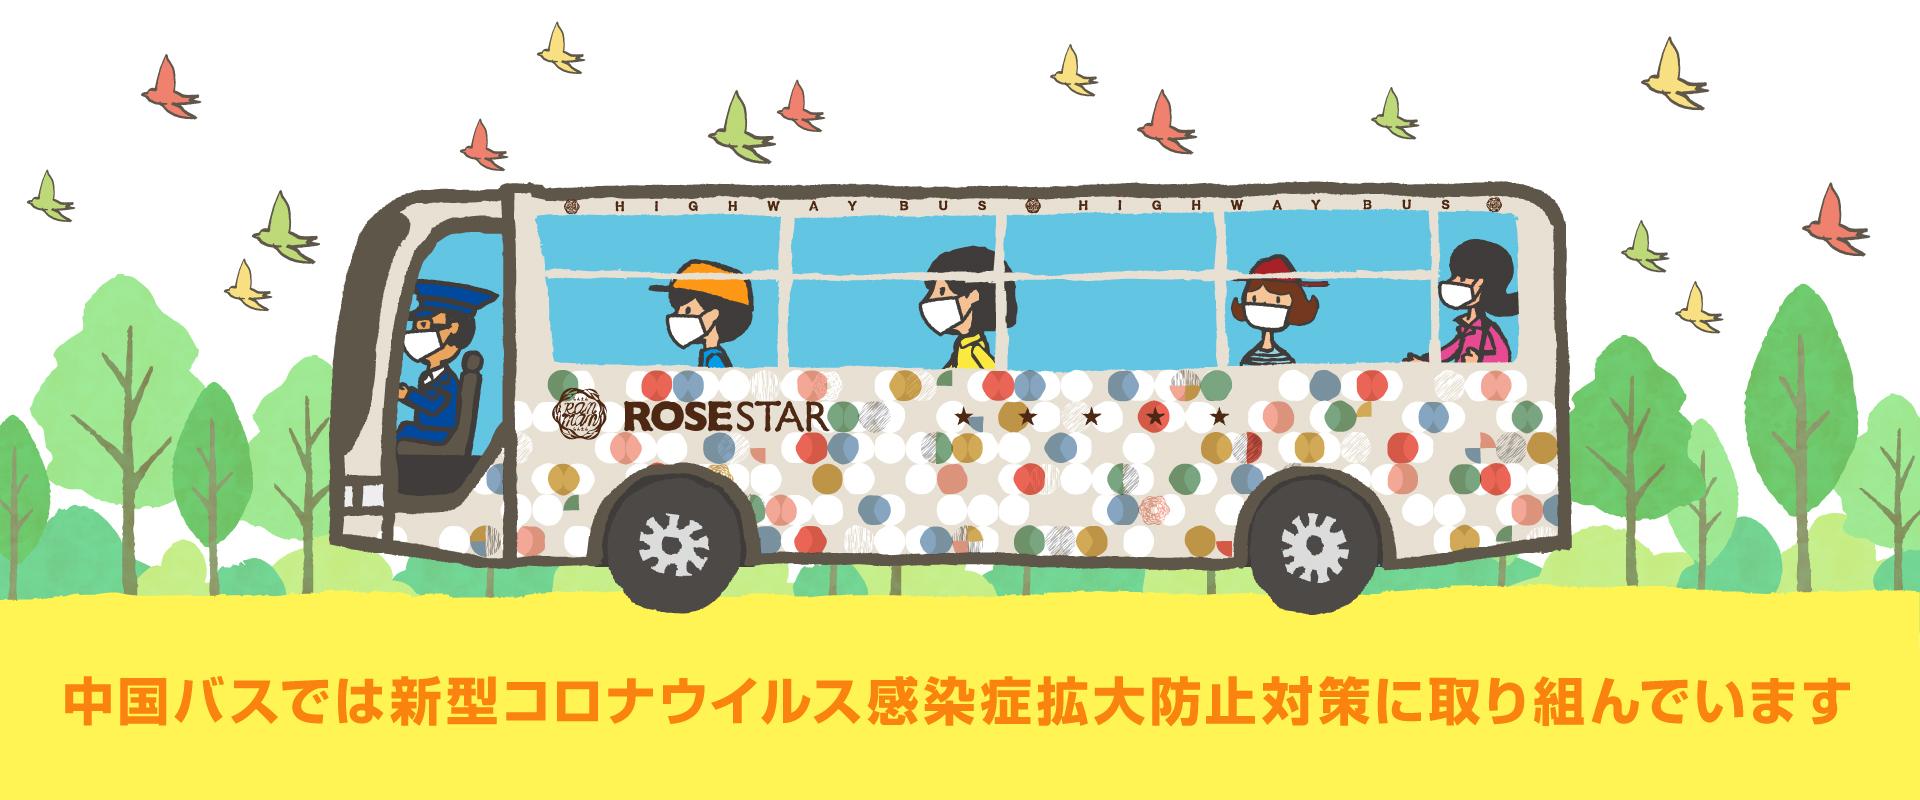 メイン画像:中国バスでは新型コロナウイルス感染症拡大防止対策に取り組んでいます。